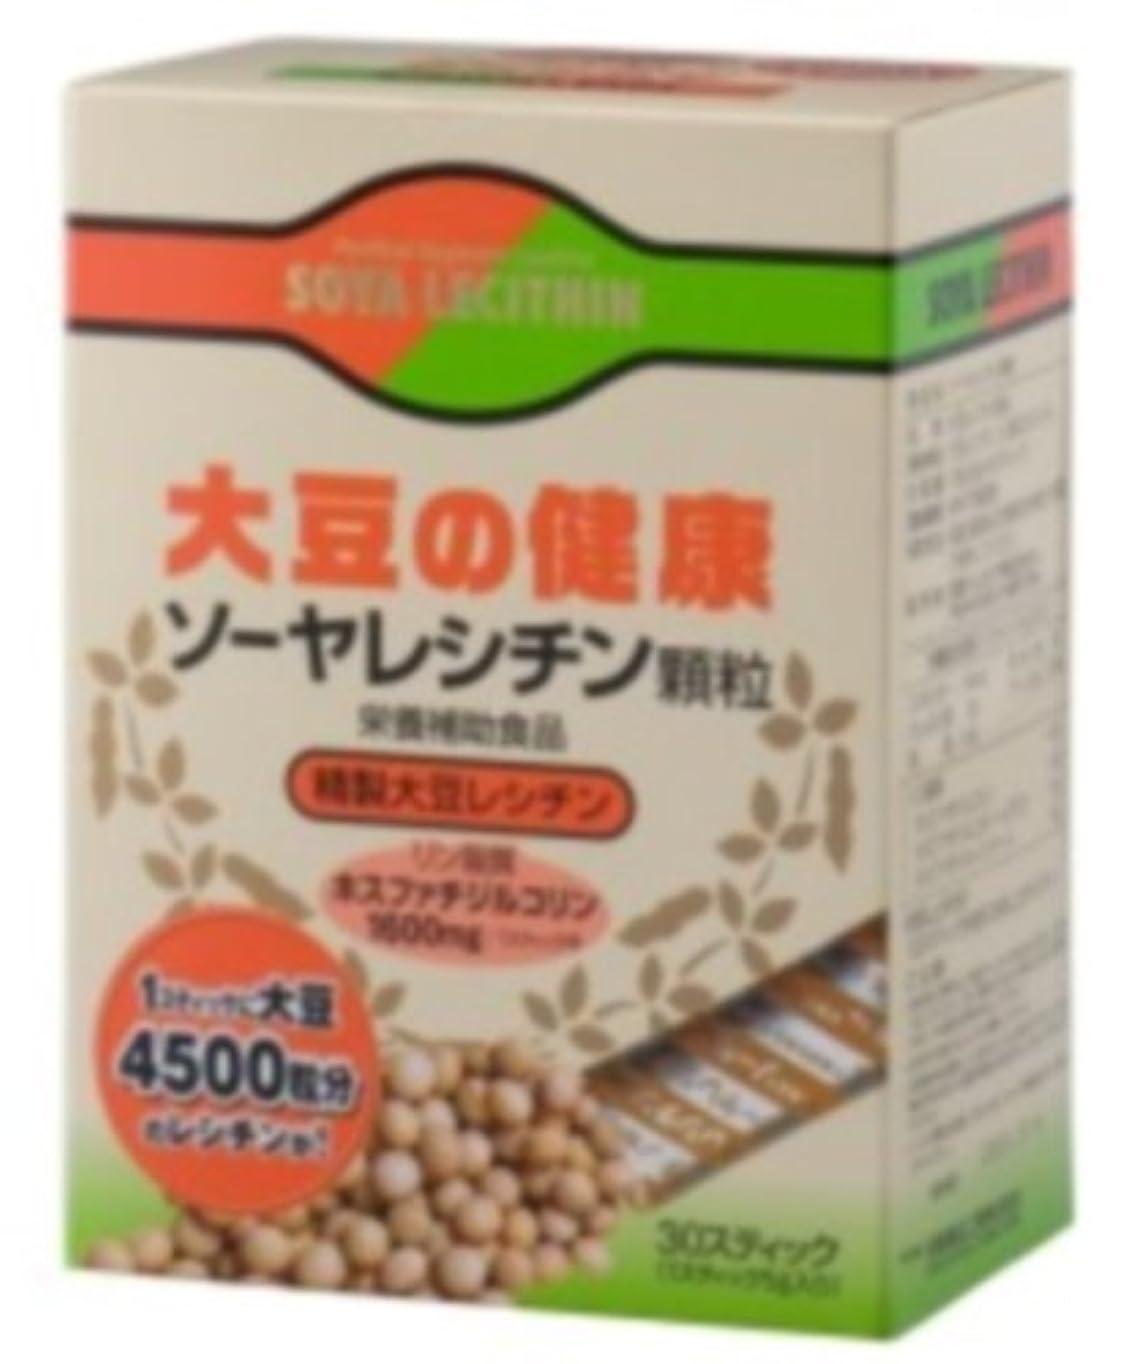 ソーヤレシチン顆粒 30包